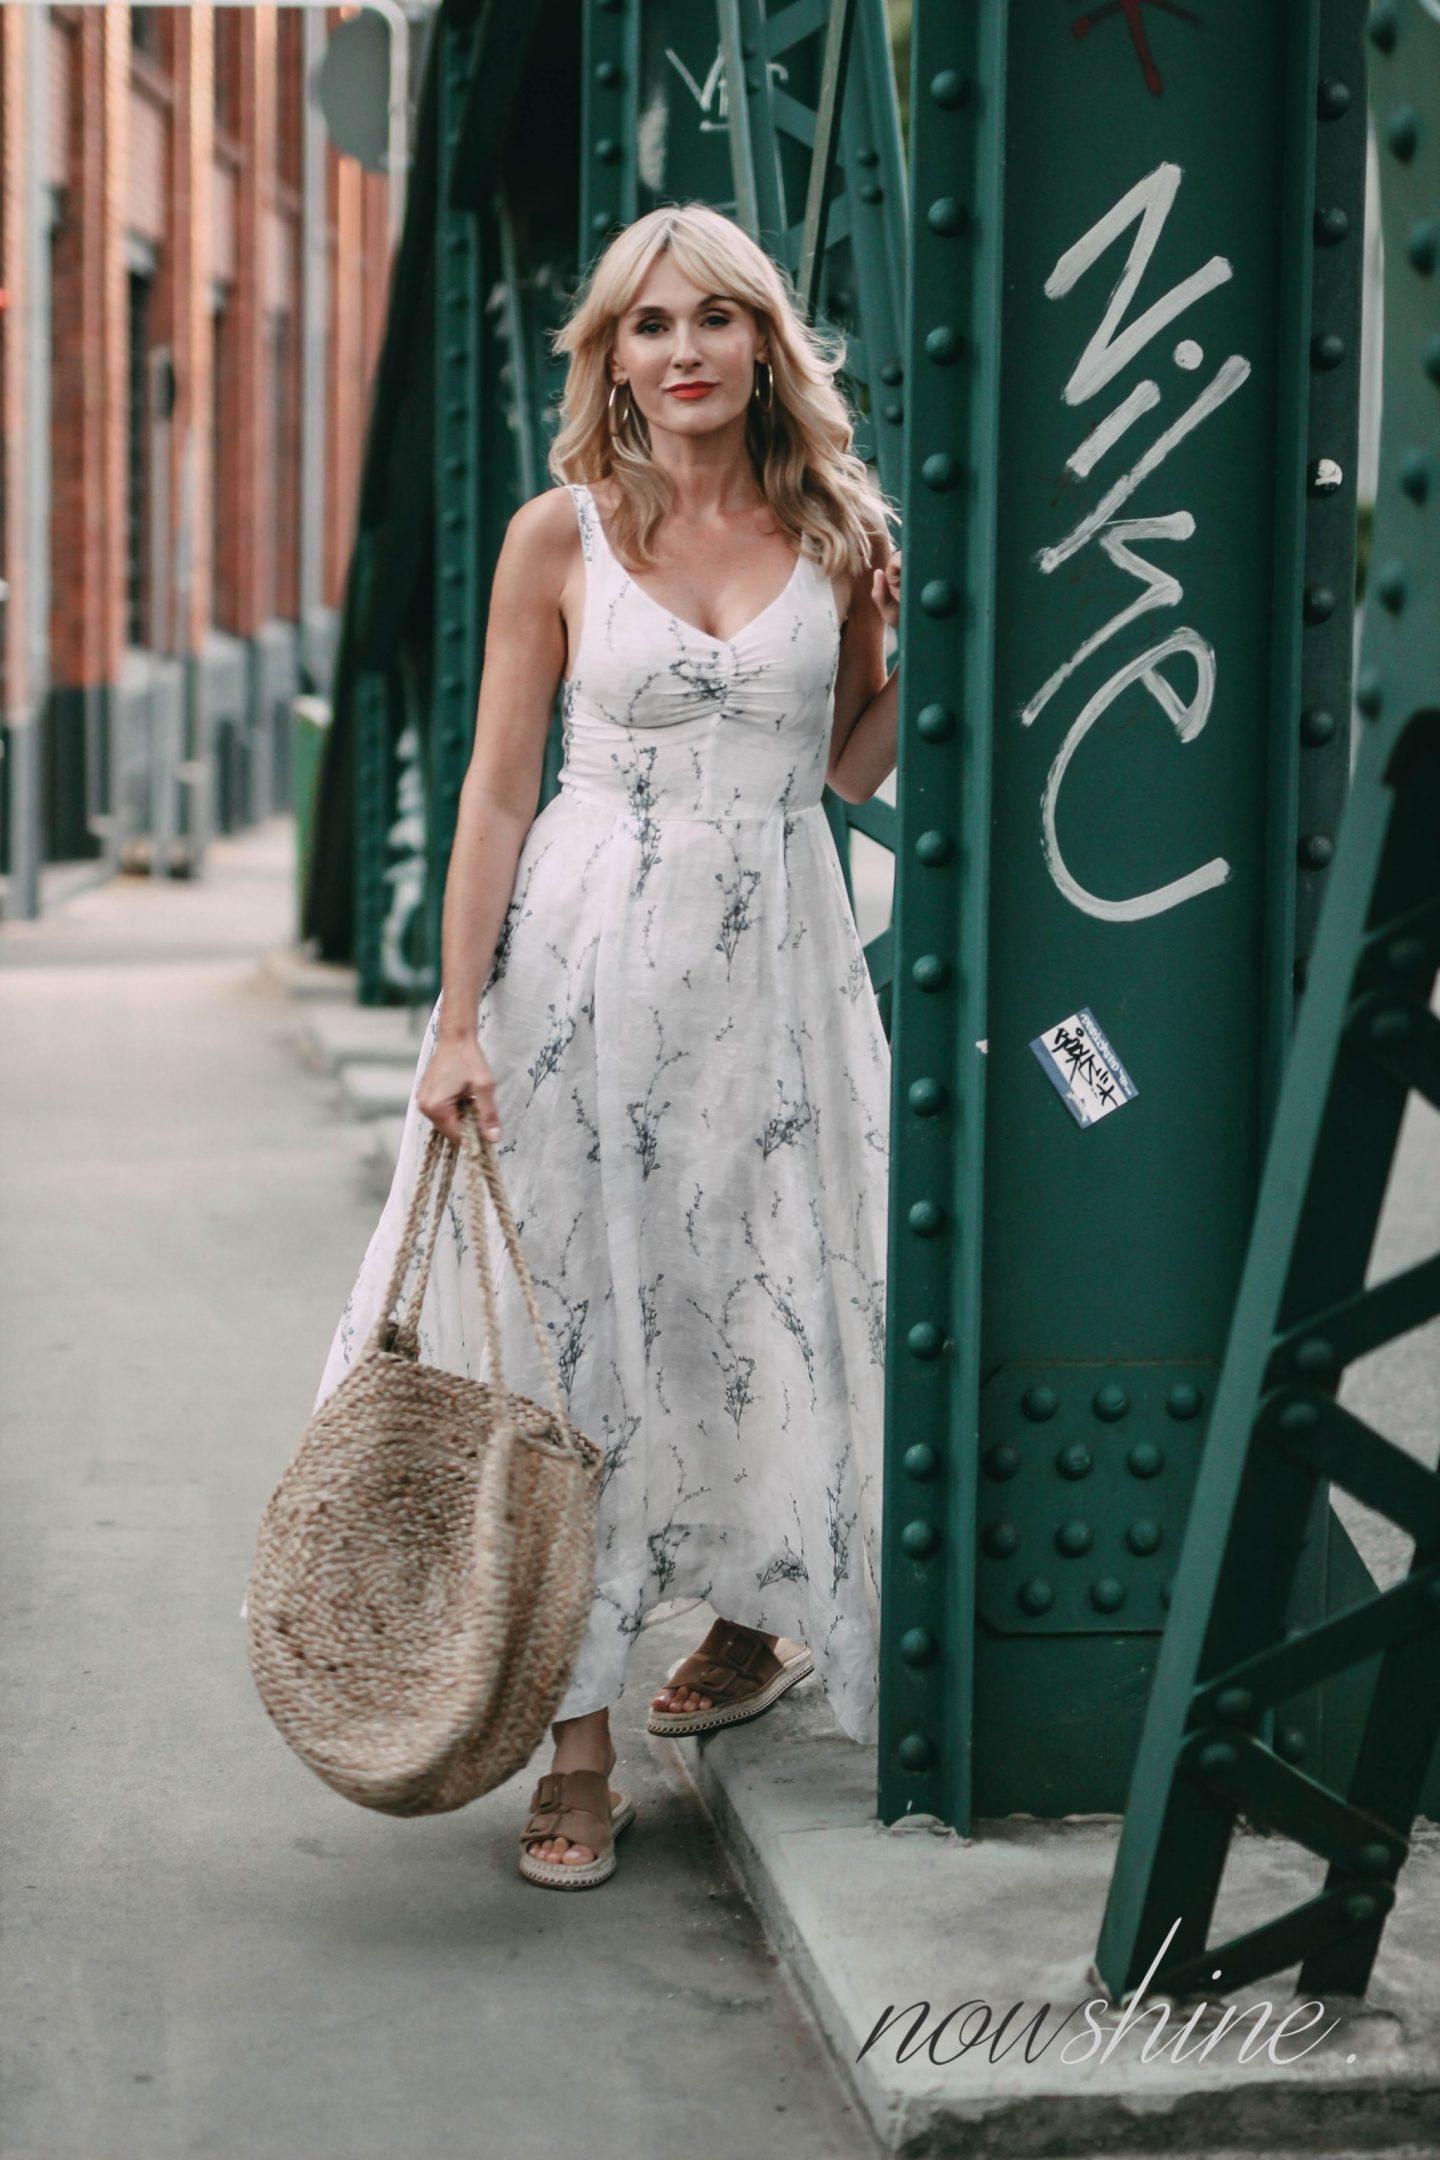 Conscious Exclusive 2108 - Kleid von H&M - Beutelatsche aus Jute von Mango - Nowshine Mode ab 40